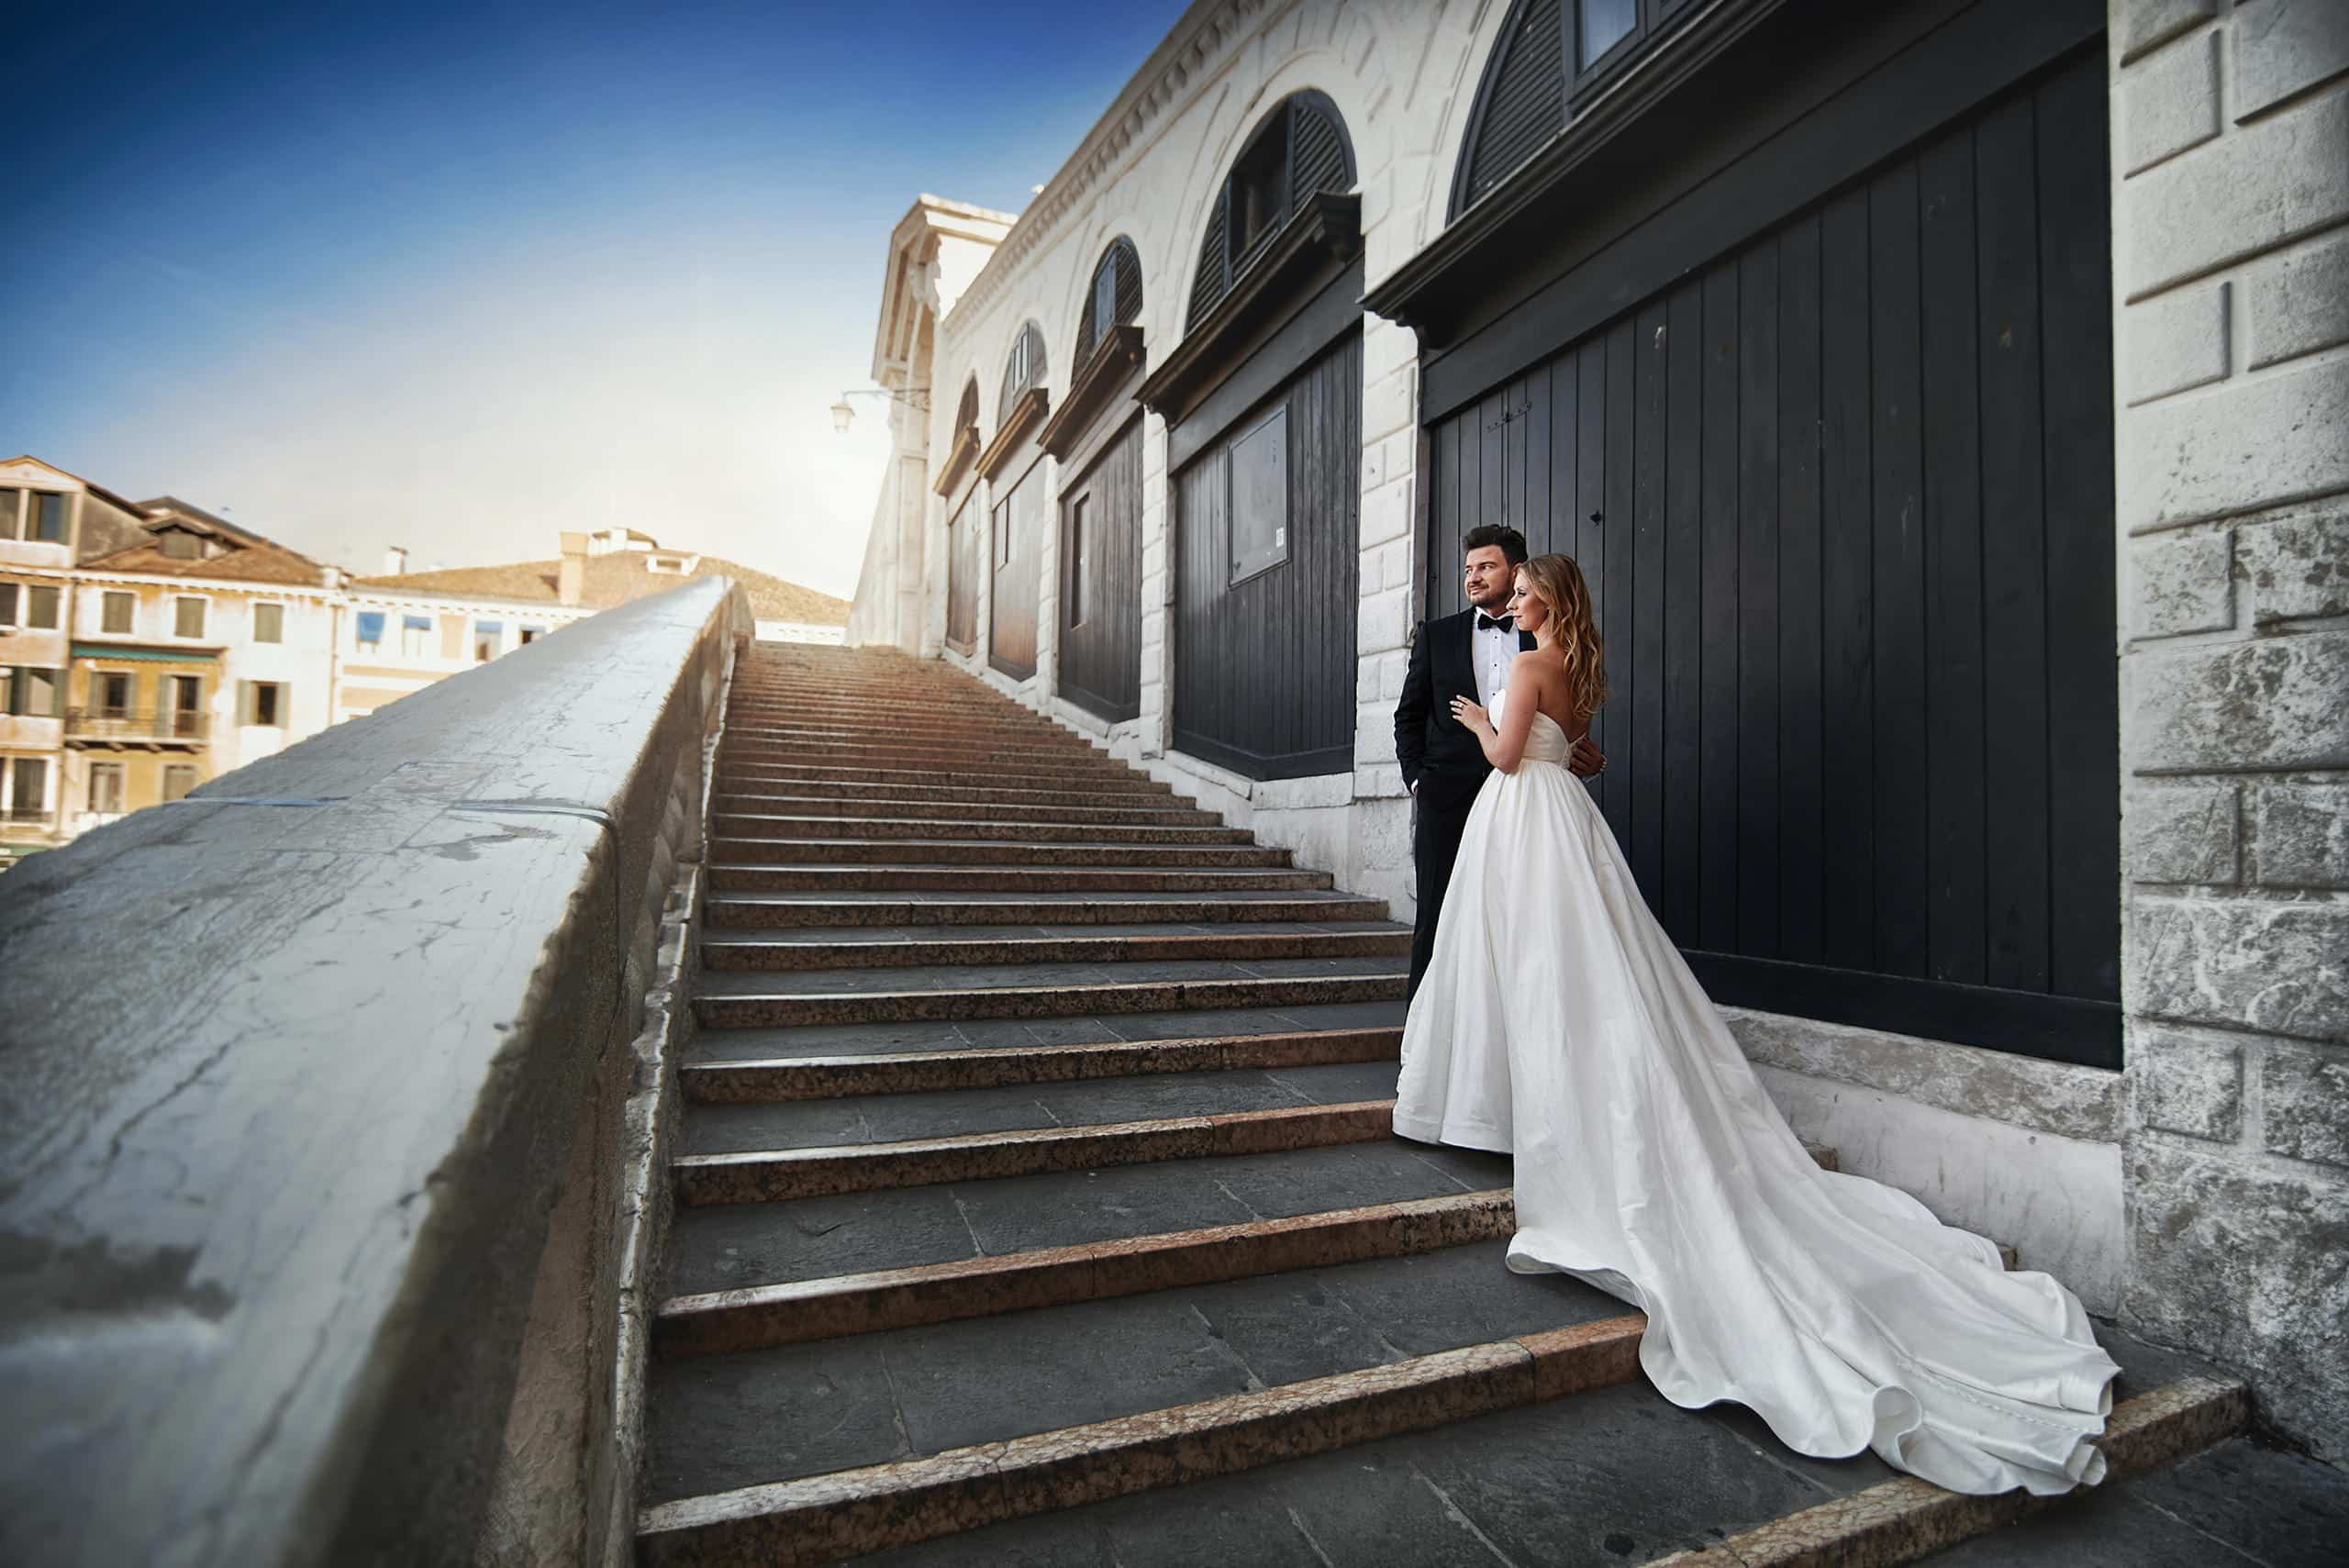 sesja ślubna za granicą; sesja plenerowa w wenecji